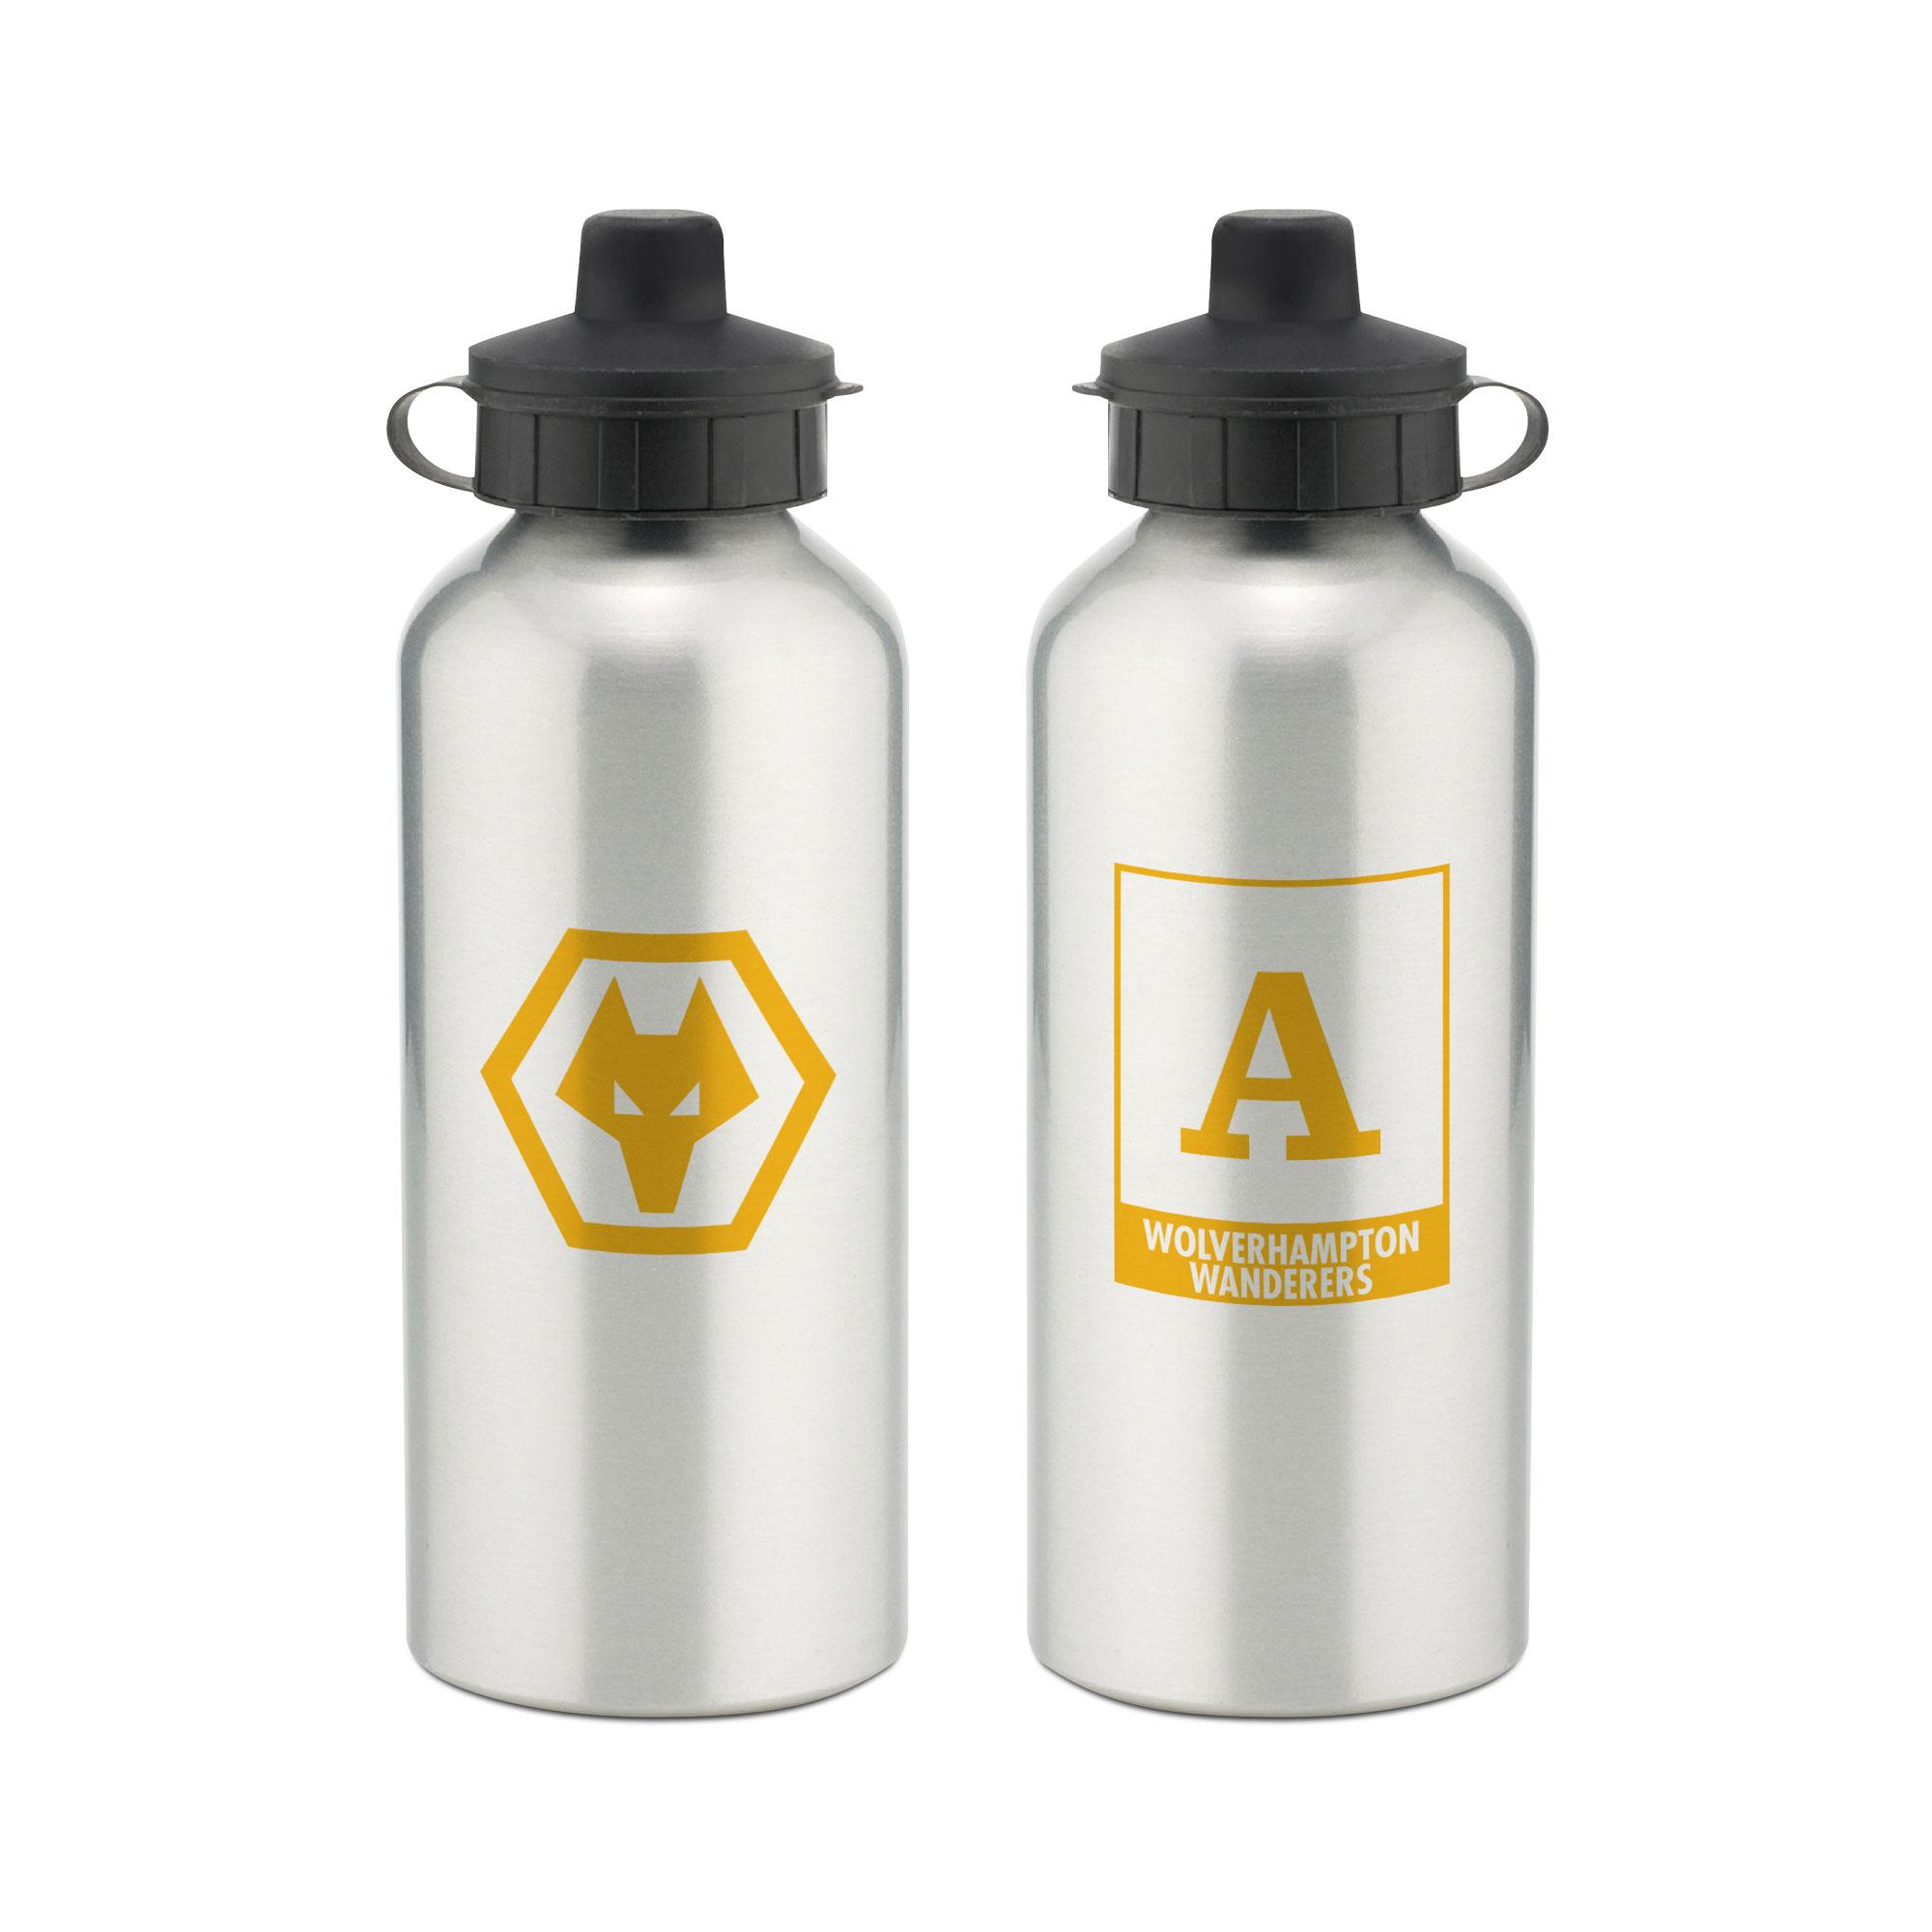 Wolves Monogram Aluminium Water Bottle